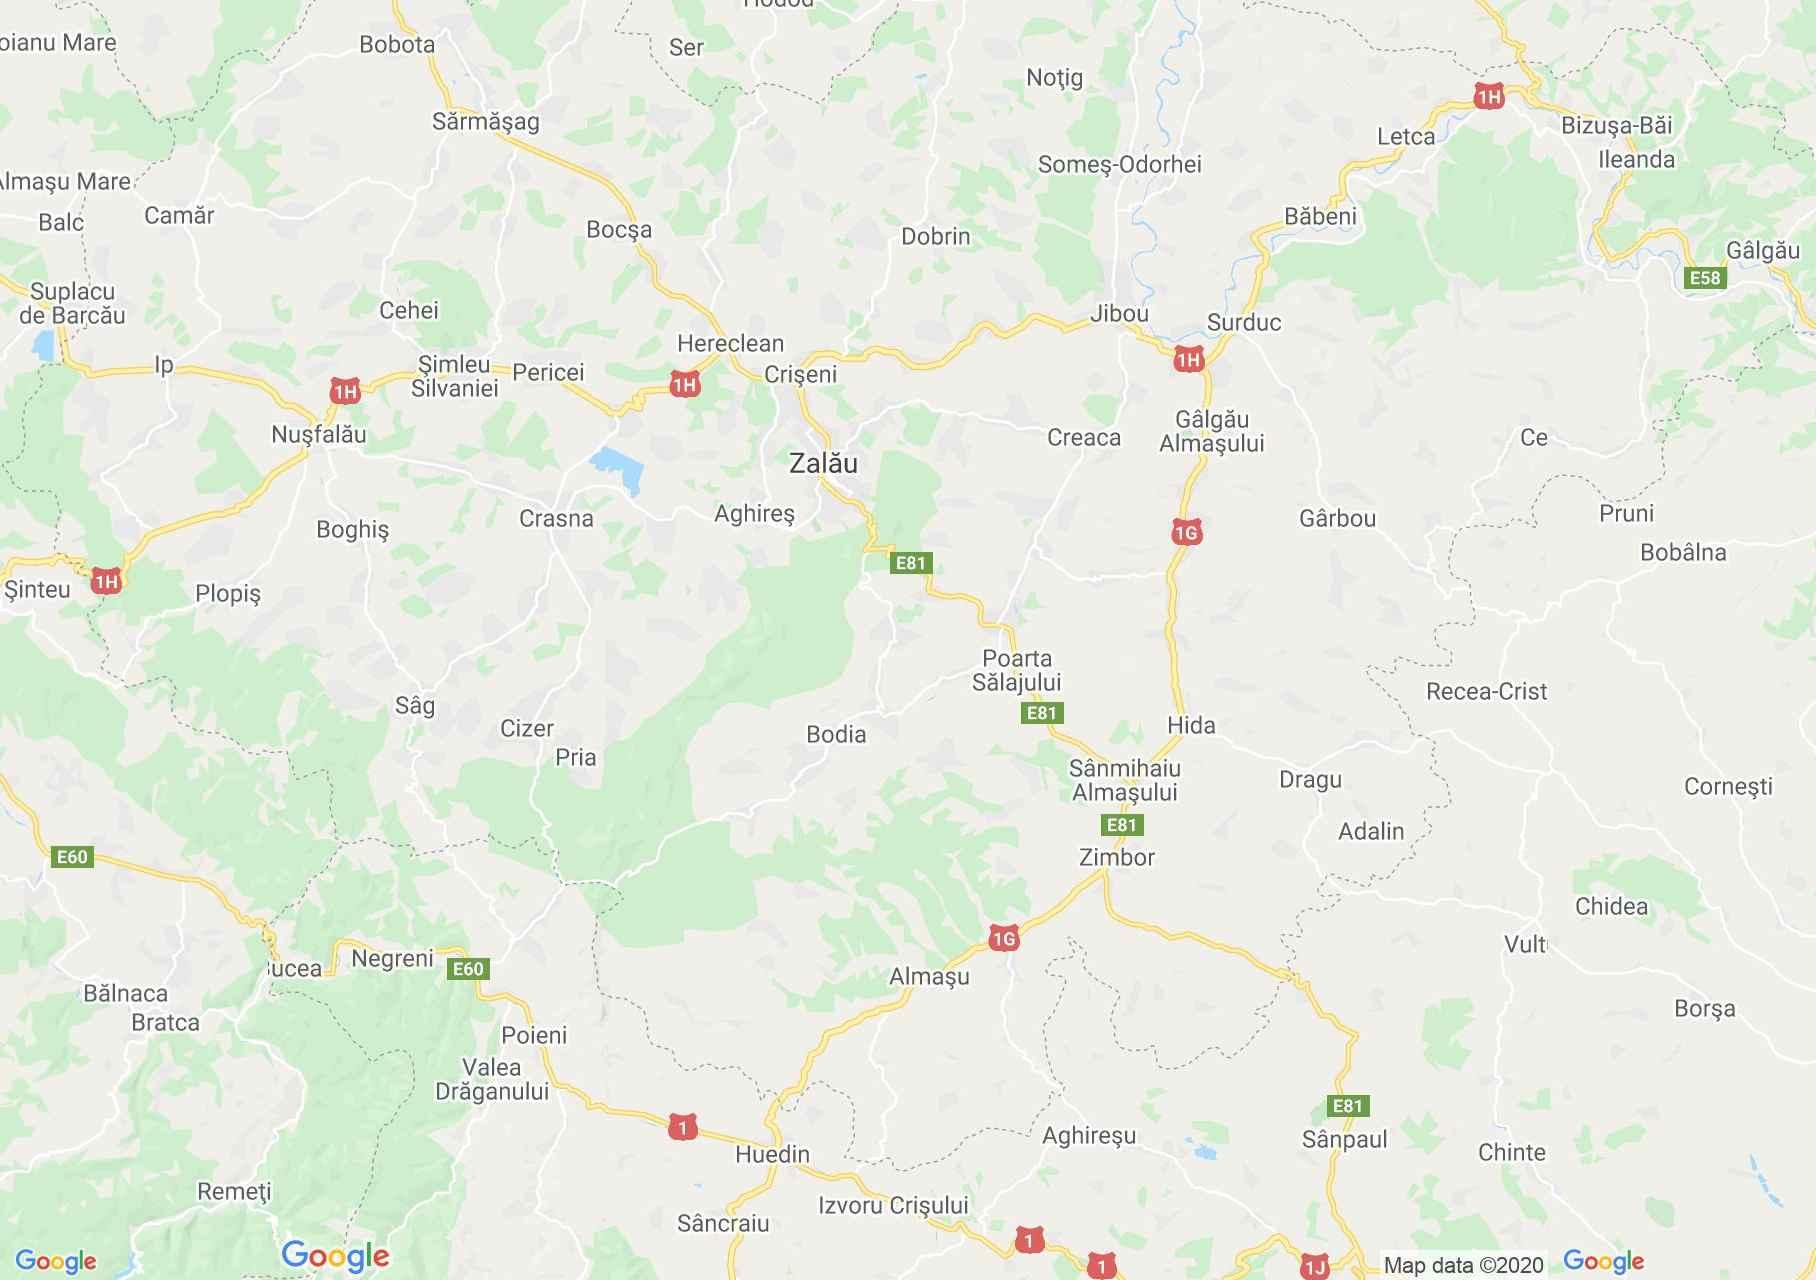 Folklor: Zsobok - Kalotaszegi népviselet  (térkép)